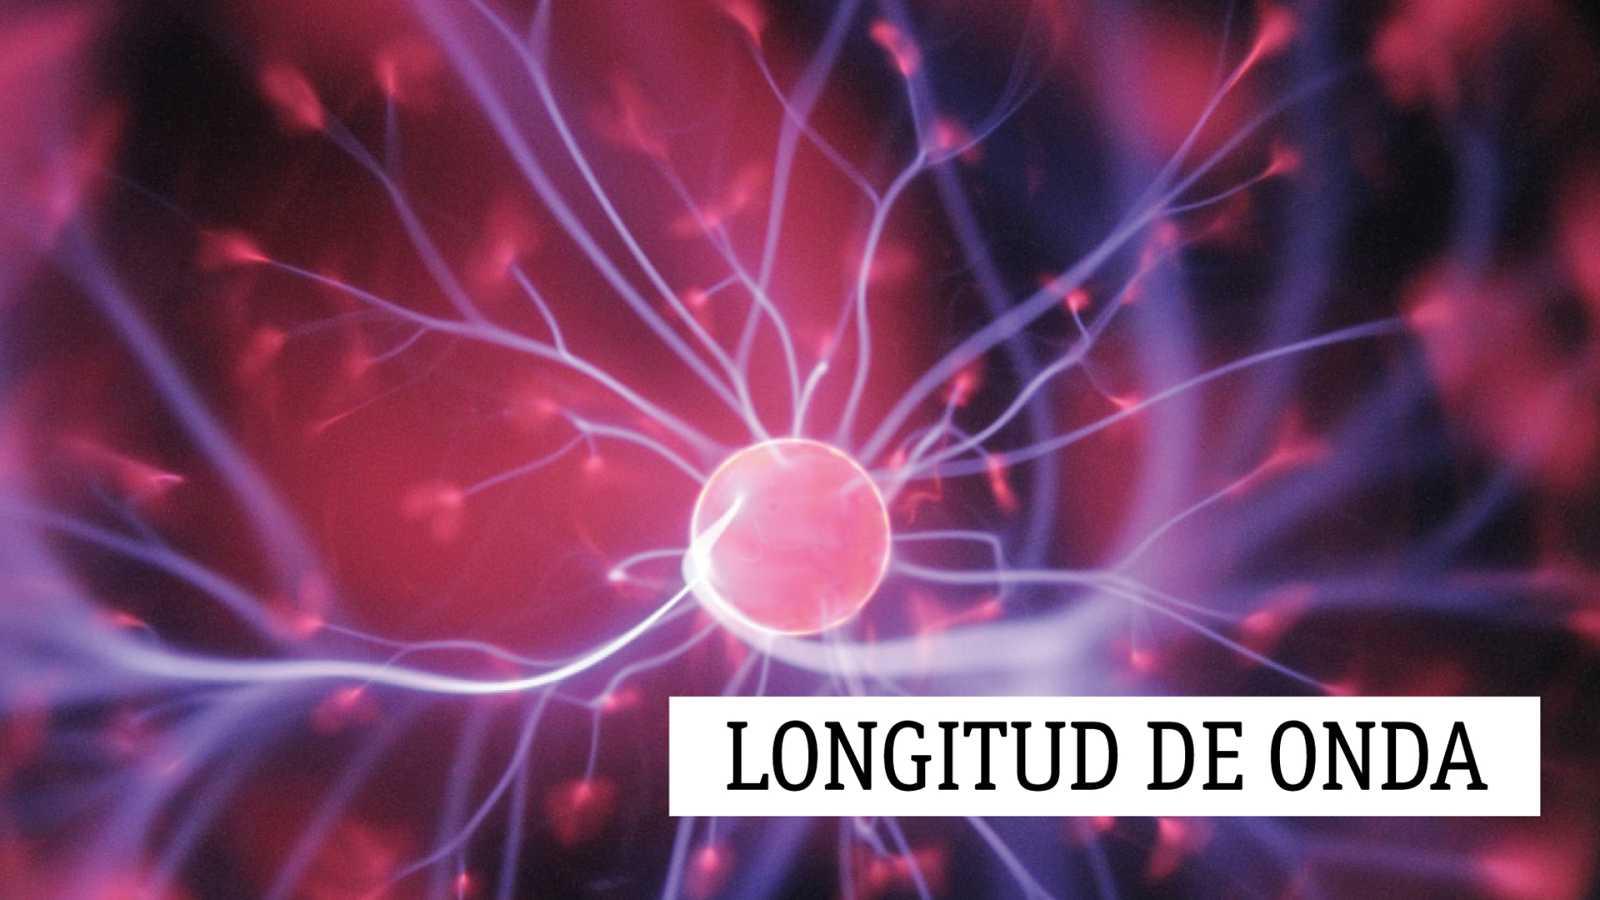 Longitud de onda - Reinterpretación musical confinada - 06/05/20 - escuchar ahora